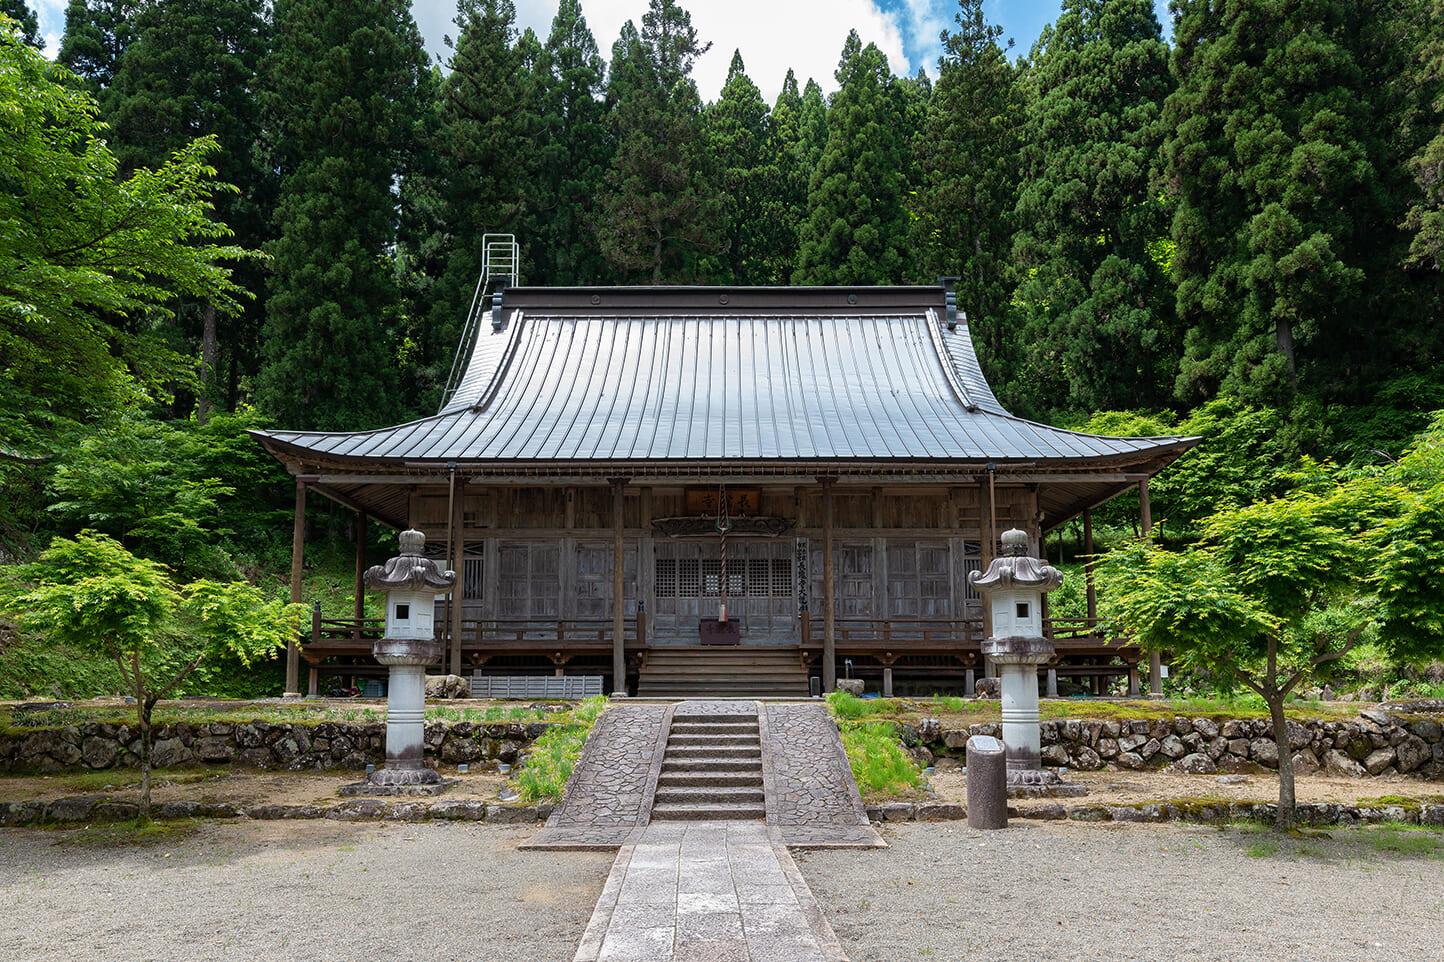 長滝白山神社・白山長瀧寺 スライダー画像3